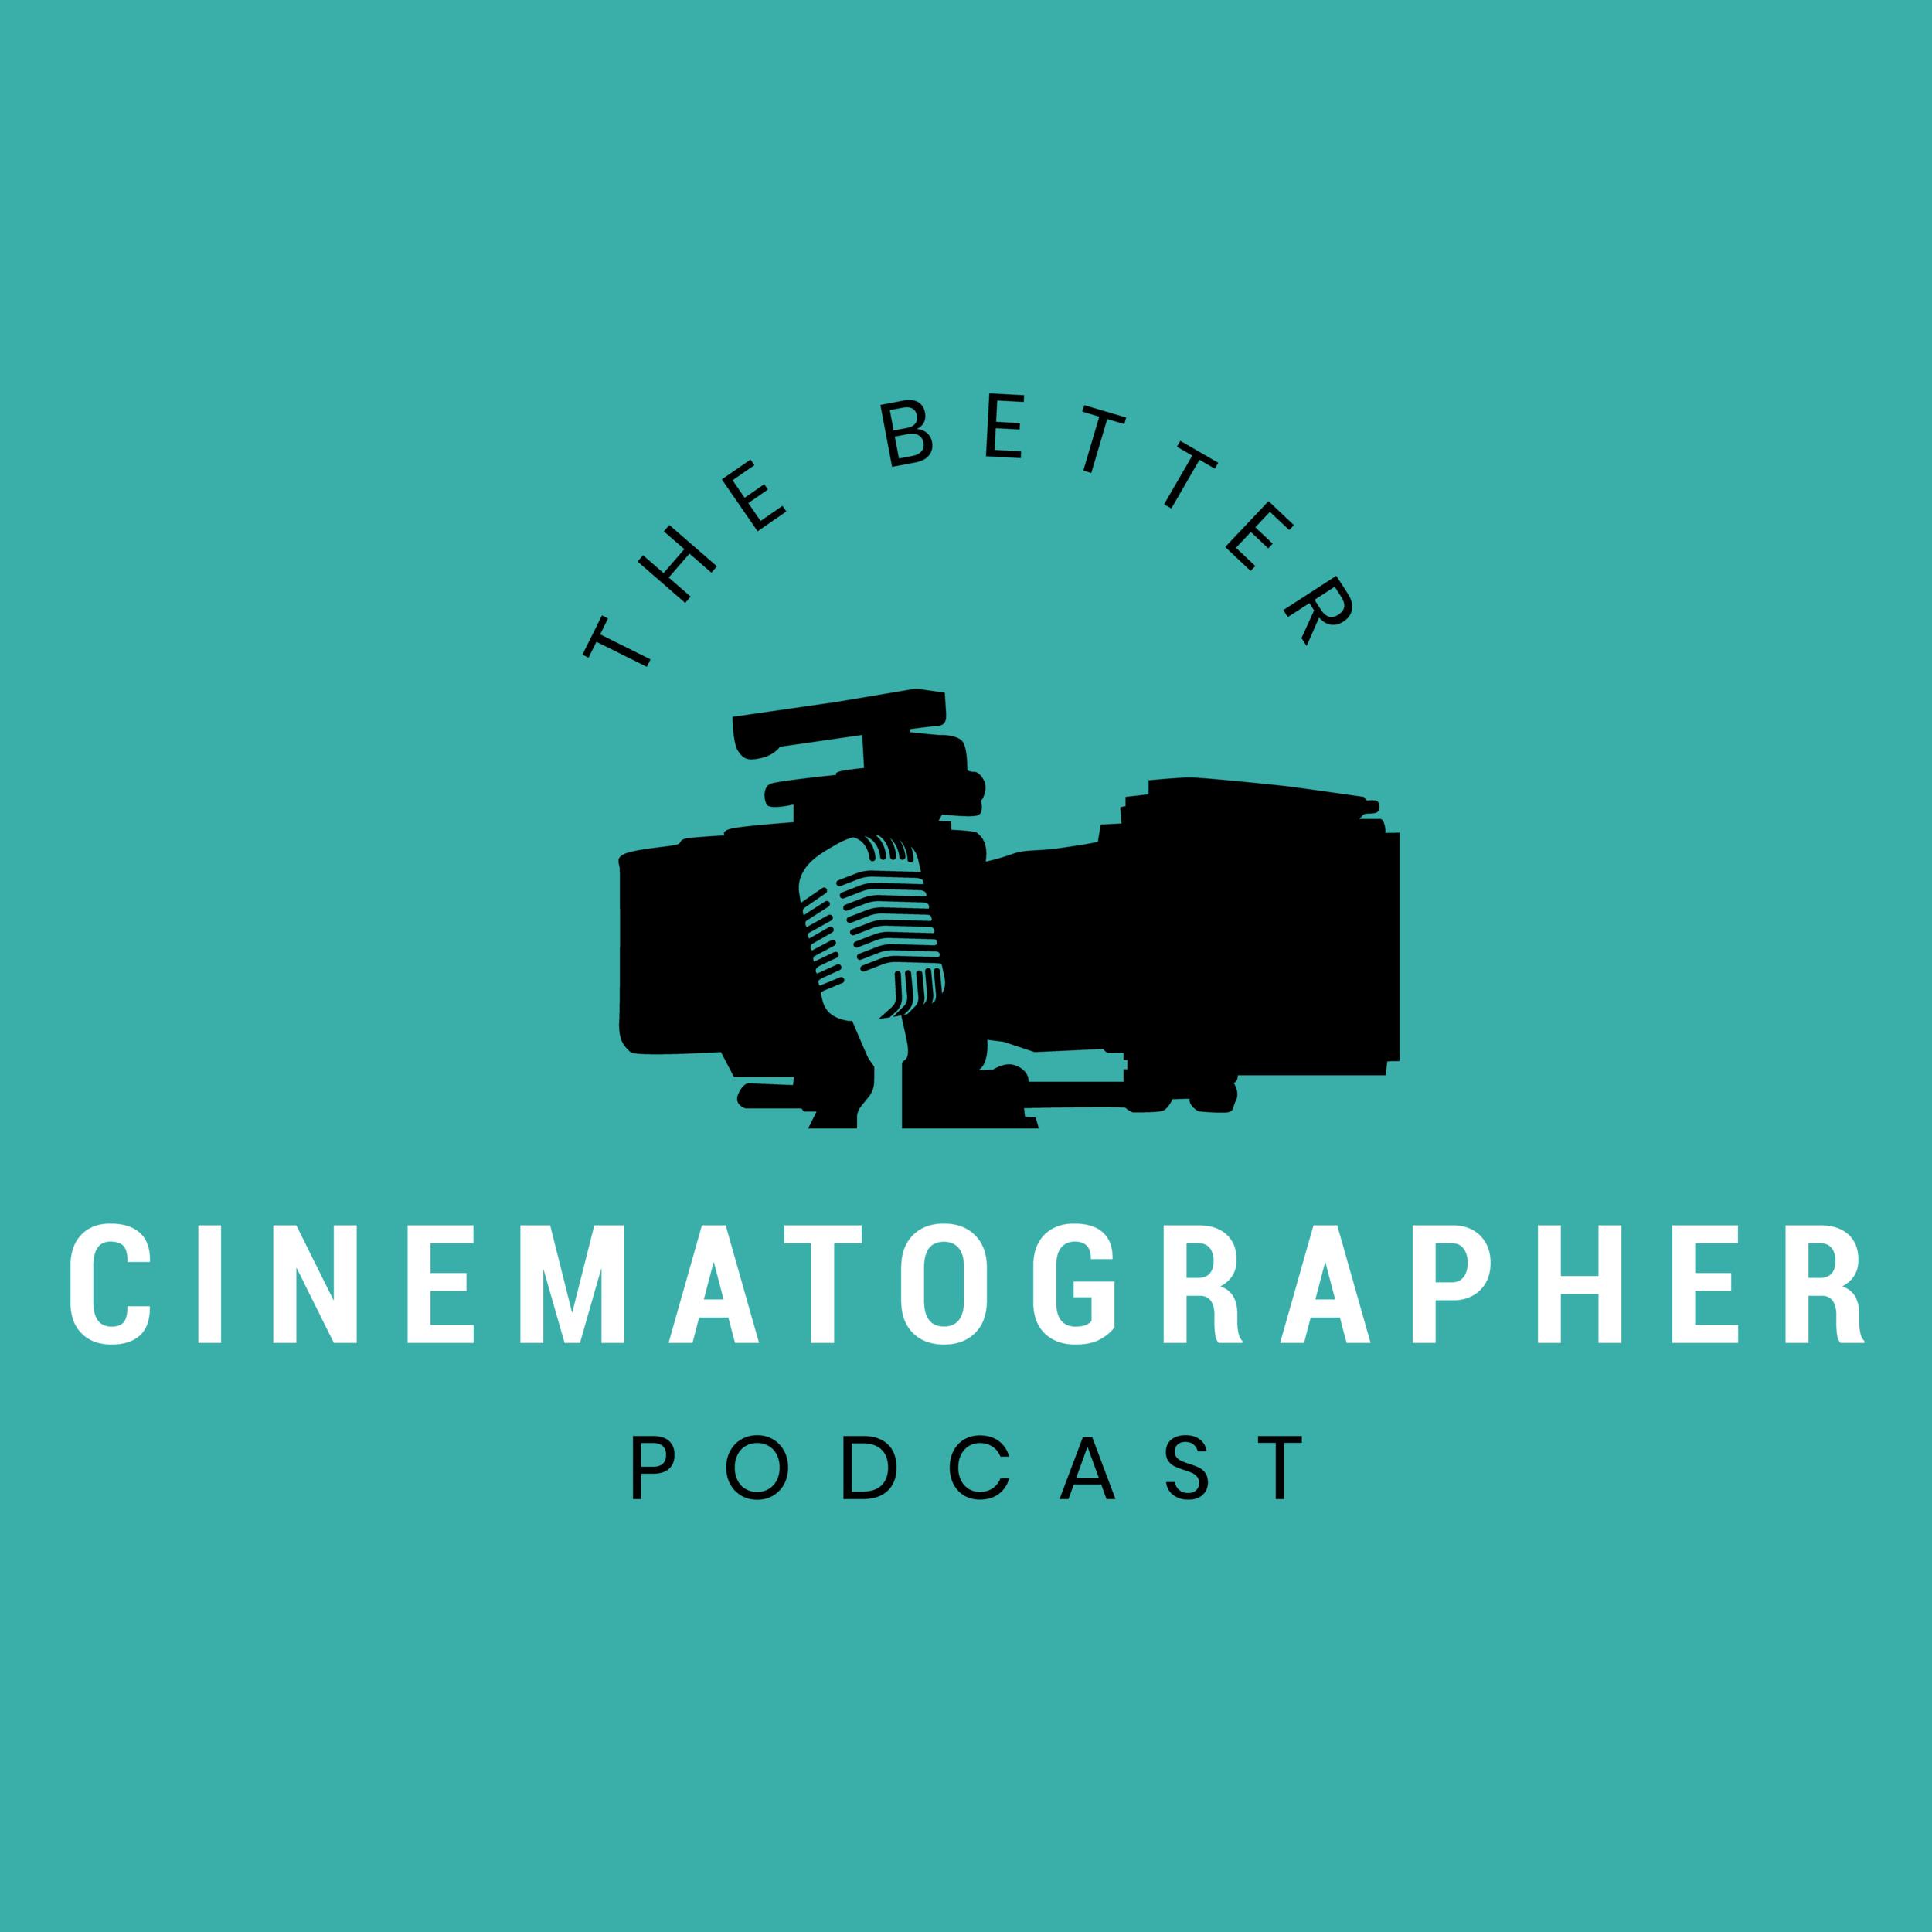 the better cinematographer podcast logo carter hewlett logo